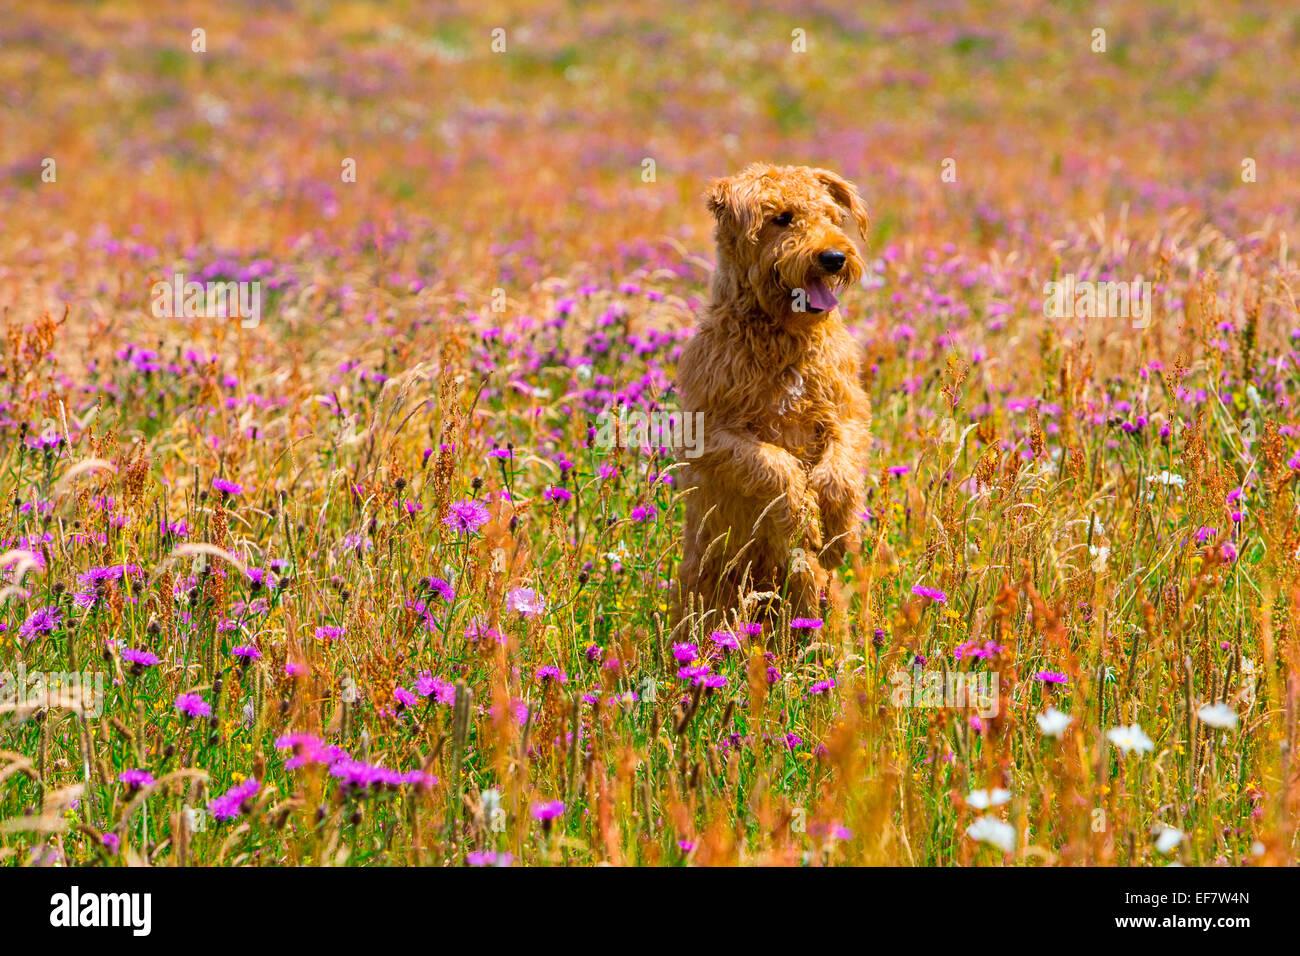 Terrier Hund auf den Hinterbeinen in wildflower Meadow Stockbild